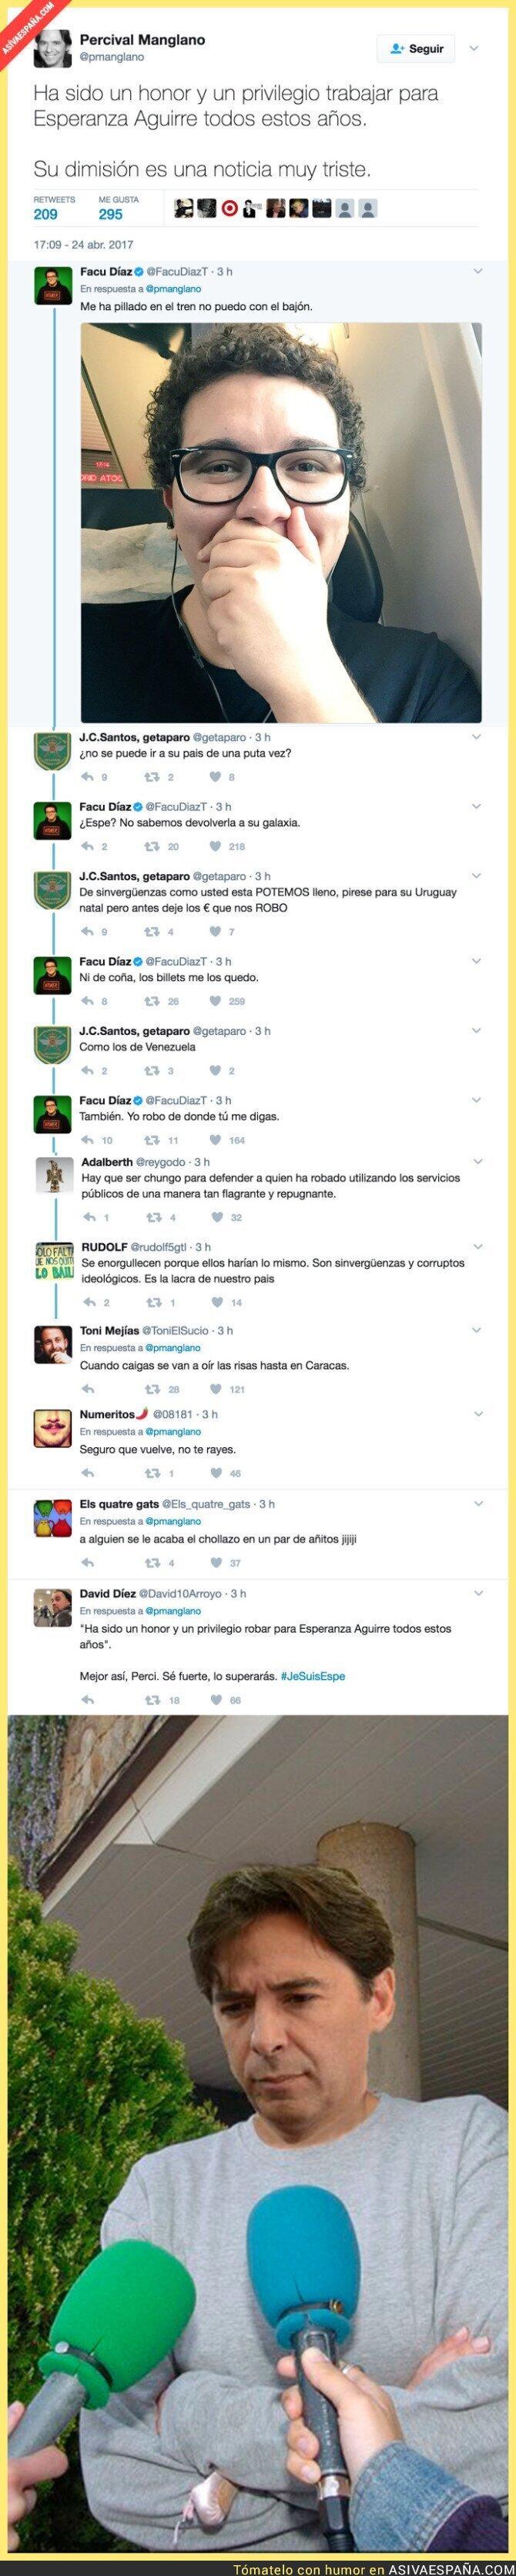 66899 - Cachondeo total en internet al ver la despedida de Percival Manglano a Esperanza Aguirre